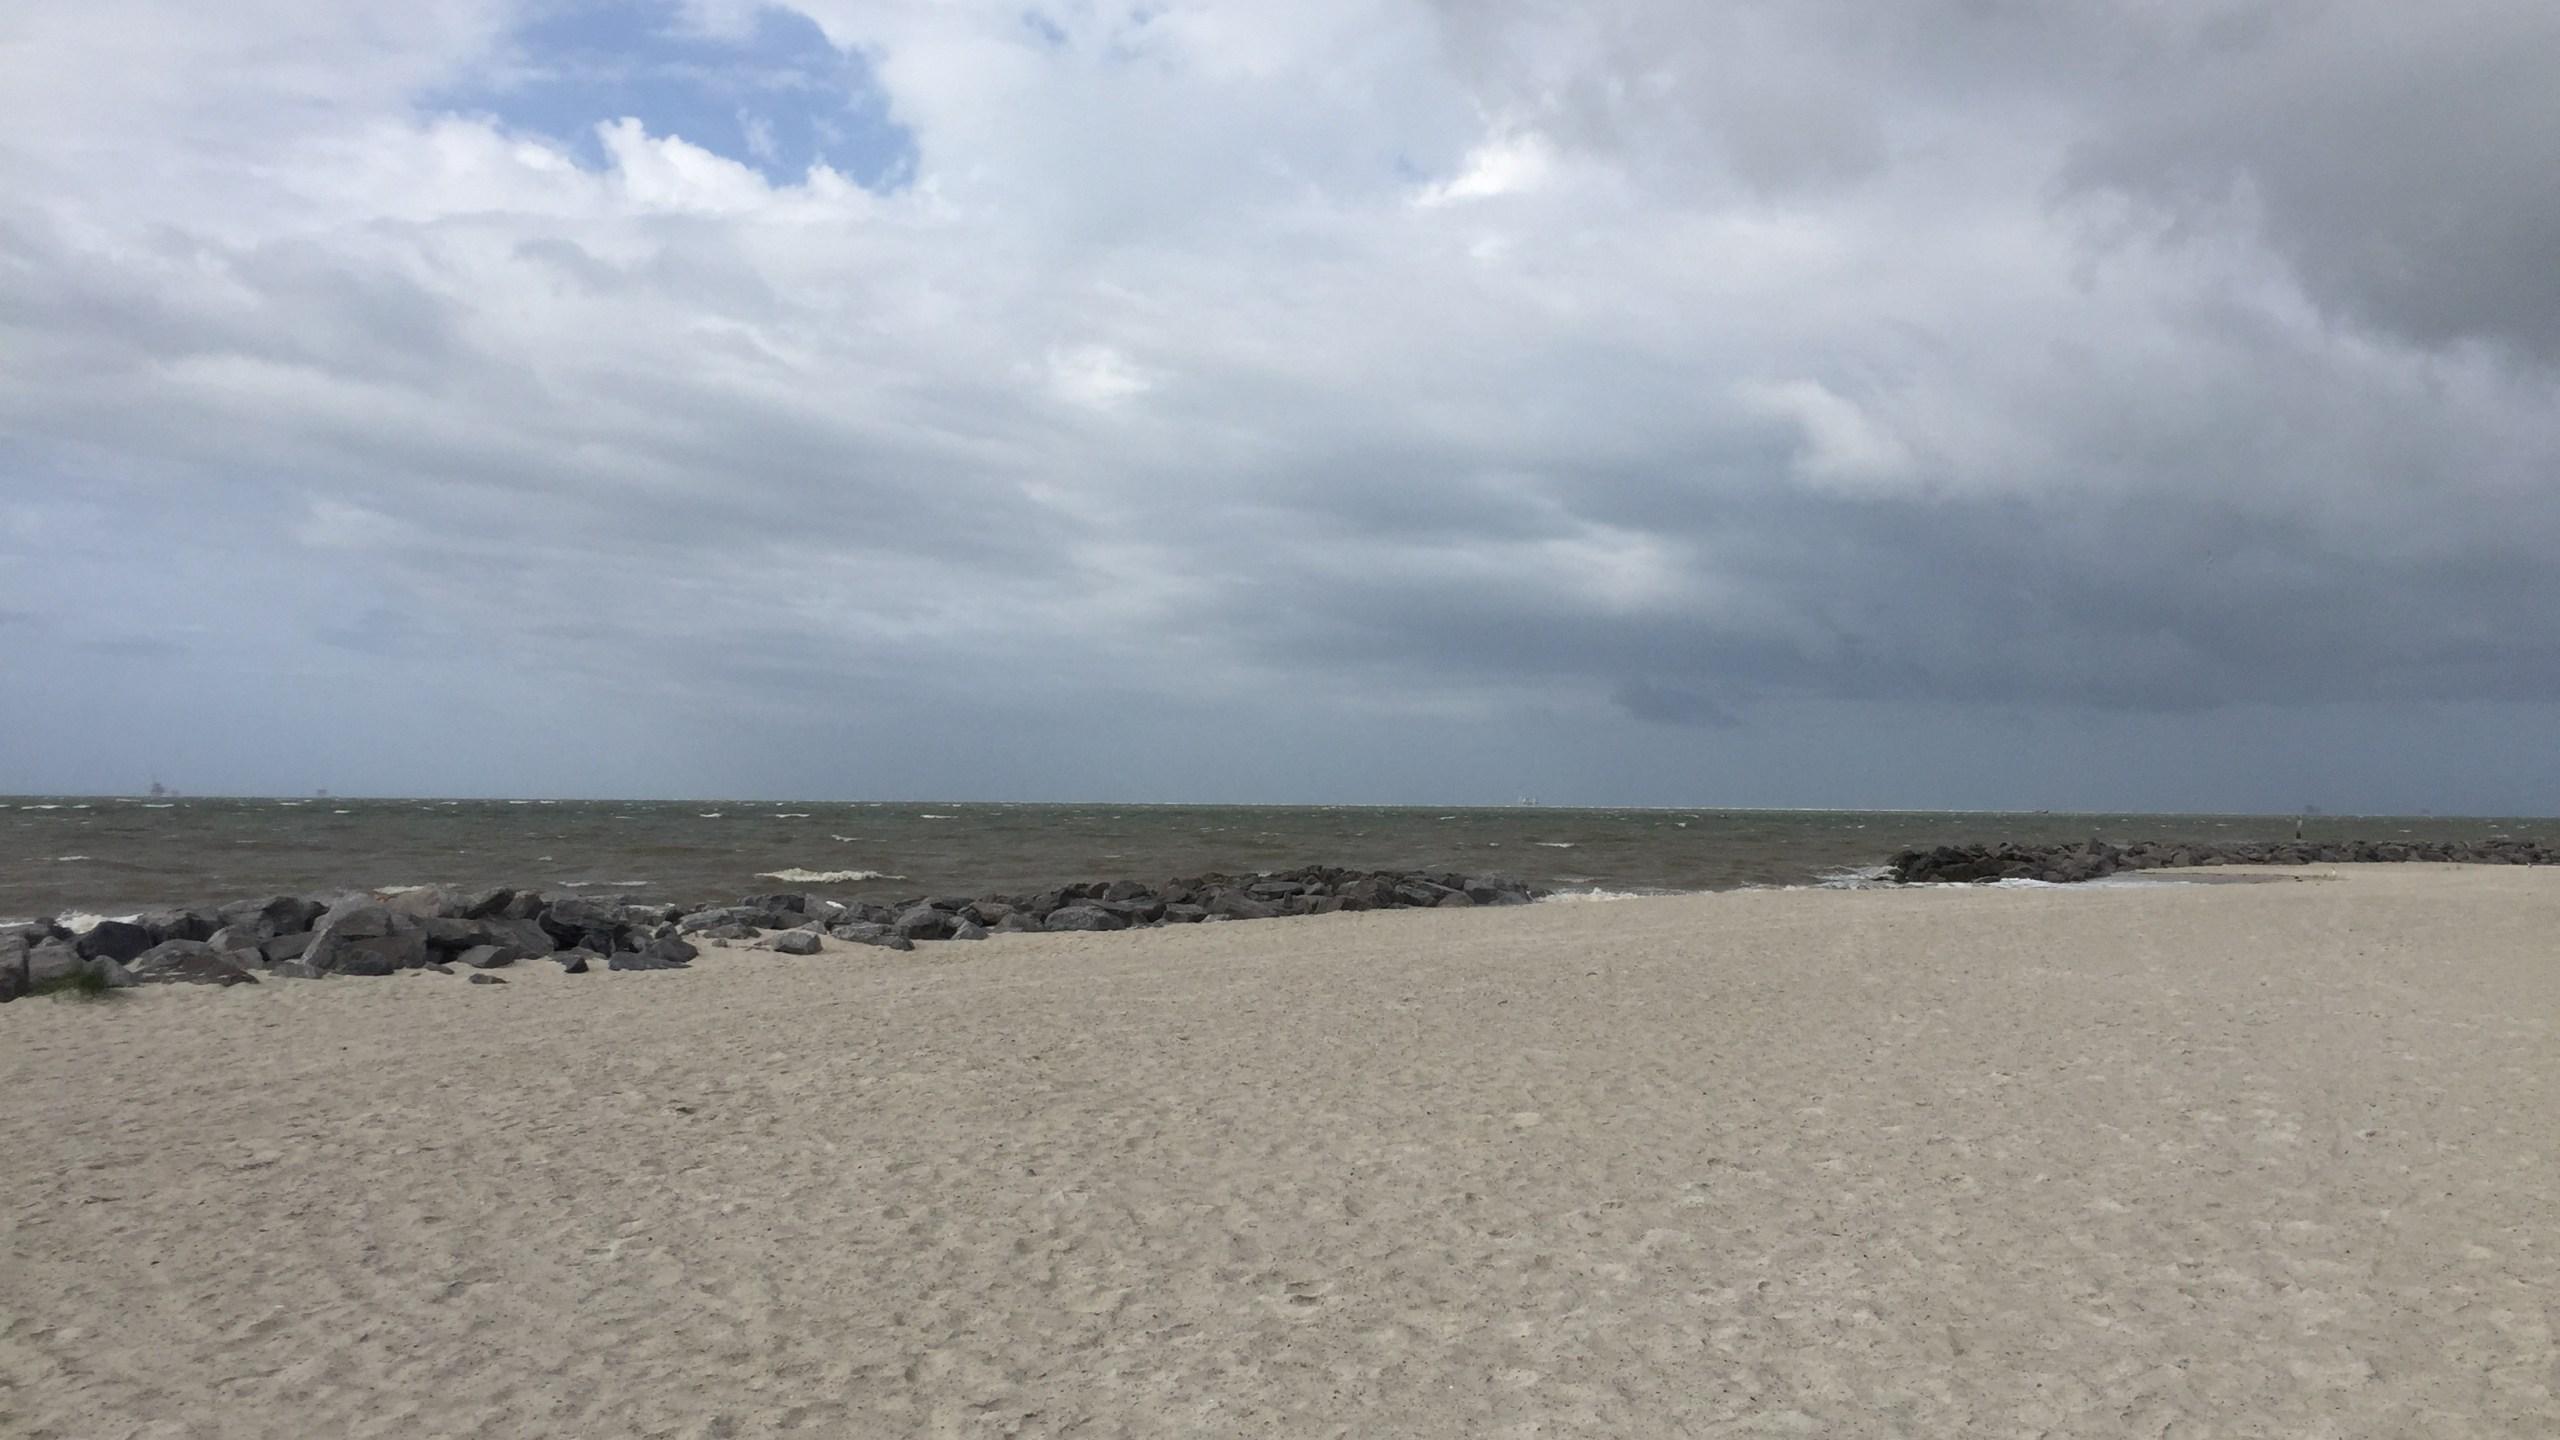 Dauphin Island Closing Beach Access